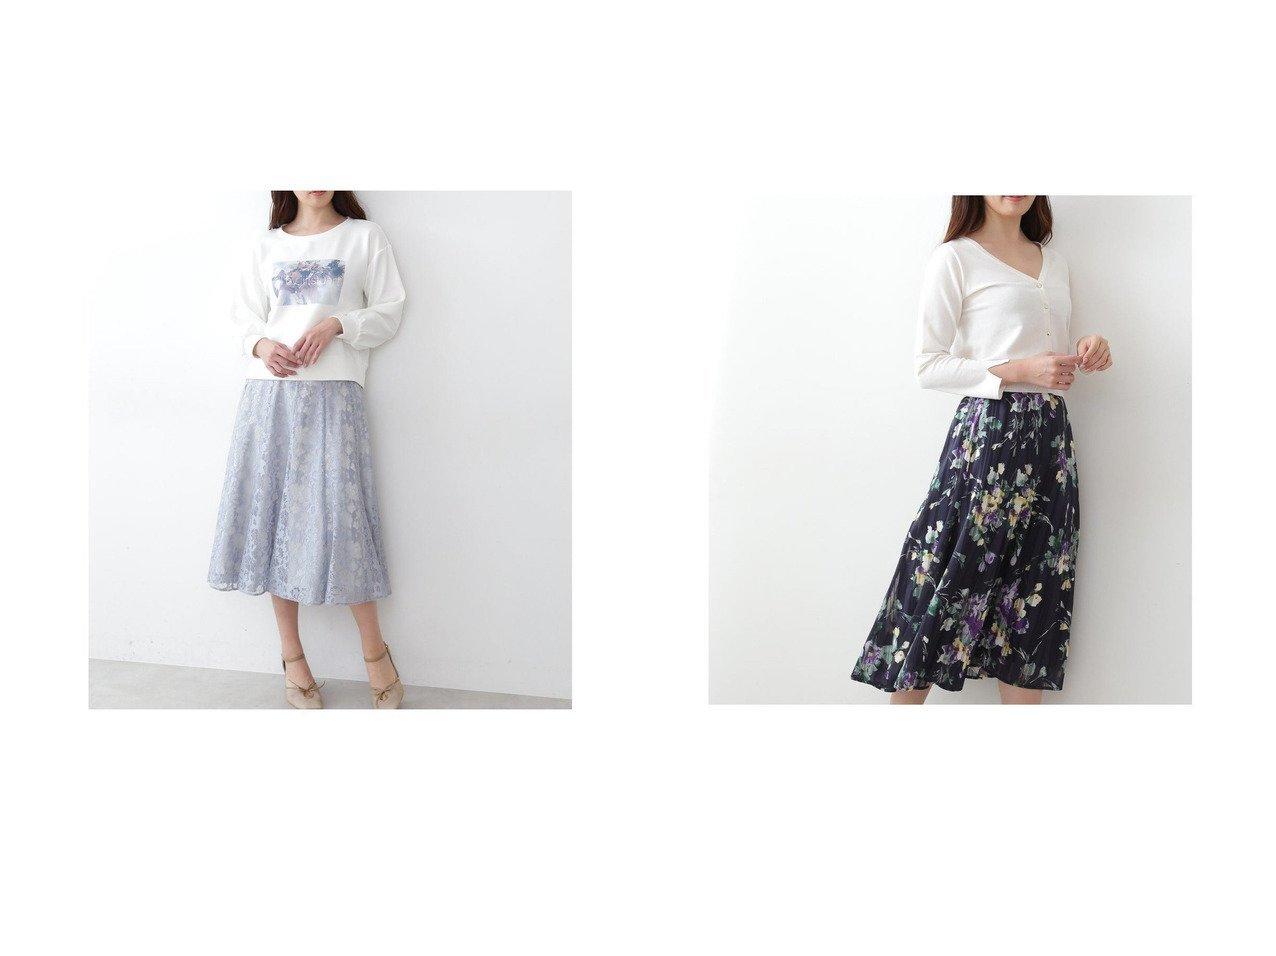 【JILL by JILLSTUART/ジルバイジルスチュアート】のスカシレーススカート&ストライプフローラルスカート スカートのおすすめ!人気、トレンド・レディースファッションの通販 おすすめで人気の流行・トレンド、ファッションの通販商品 メンズファッション・キッズファッション・インテリア・家具・レディースファッション・服の通販 founy(ファニー) https://founy.com/ ファッション Fashion レディースファッション WOMEN スカート Skirt 春 Spring スウェット 透かし フレア レース 2021年 2021 S/S 春夏 SS Spring/Summer 2021 春夏 S/S SS Spring/Summer 2021 |ID:crp329100000016298